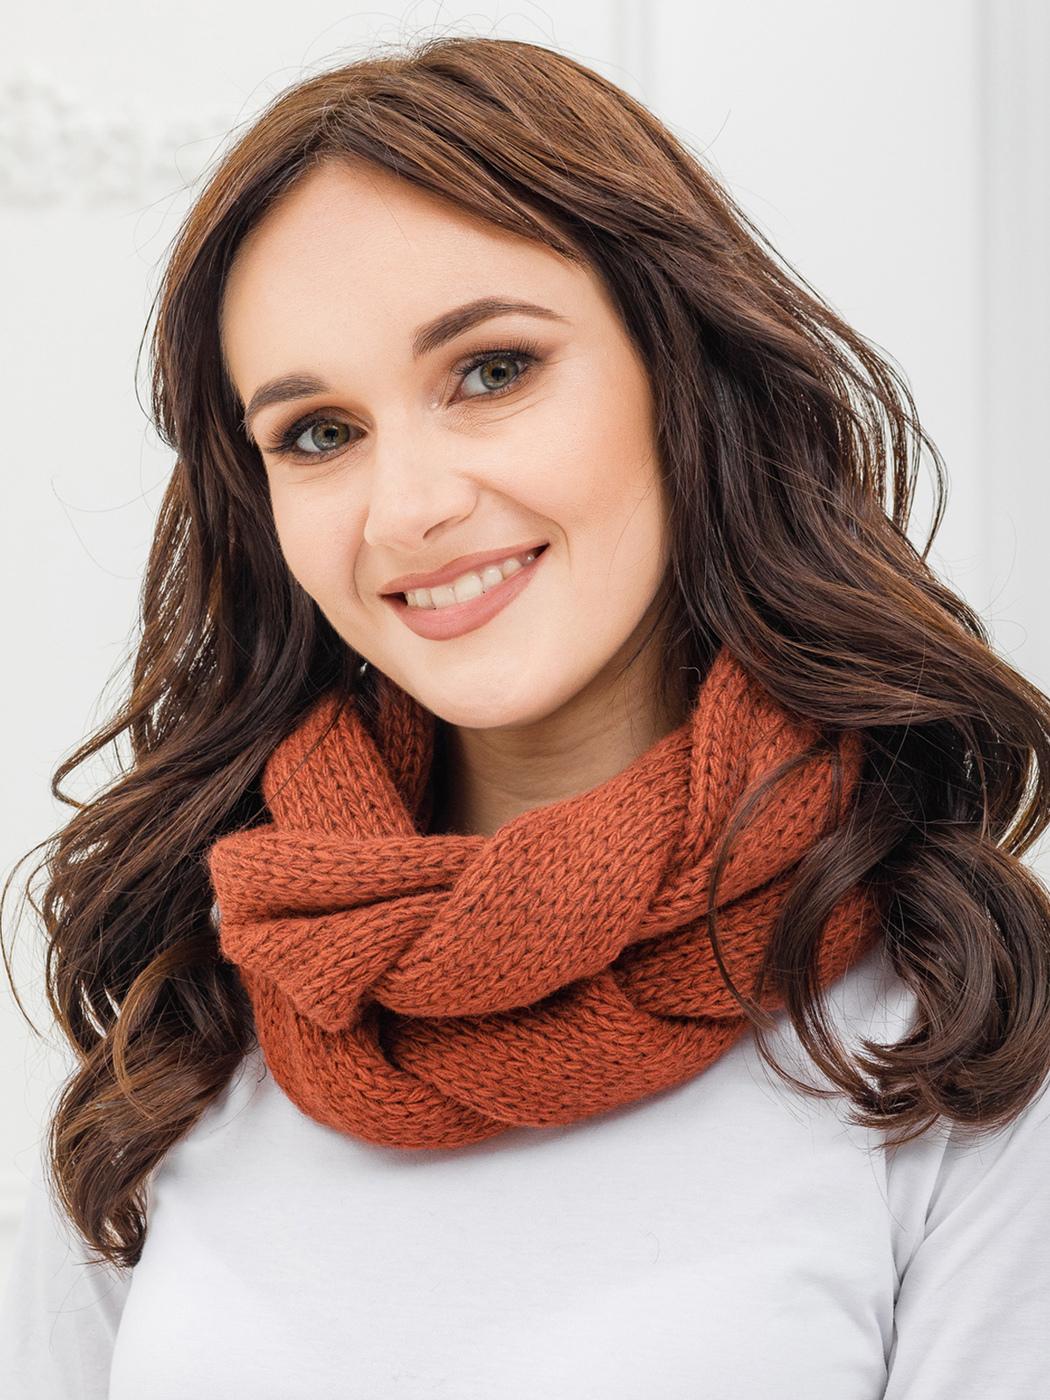 как носить шарф хомут зимой фото границе сопровождаются